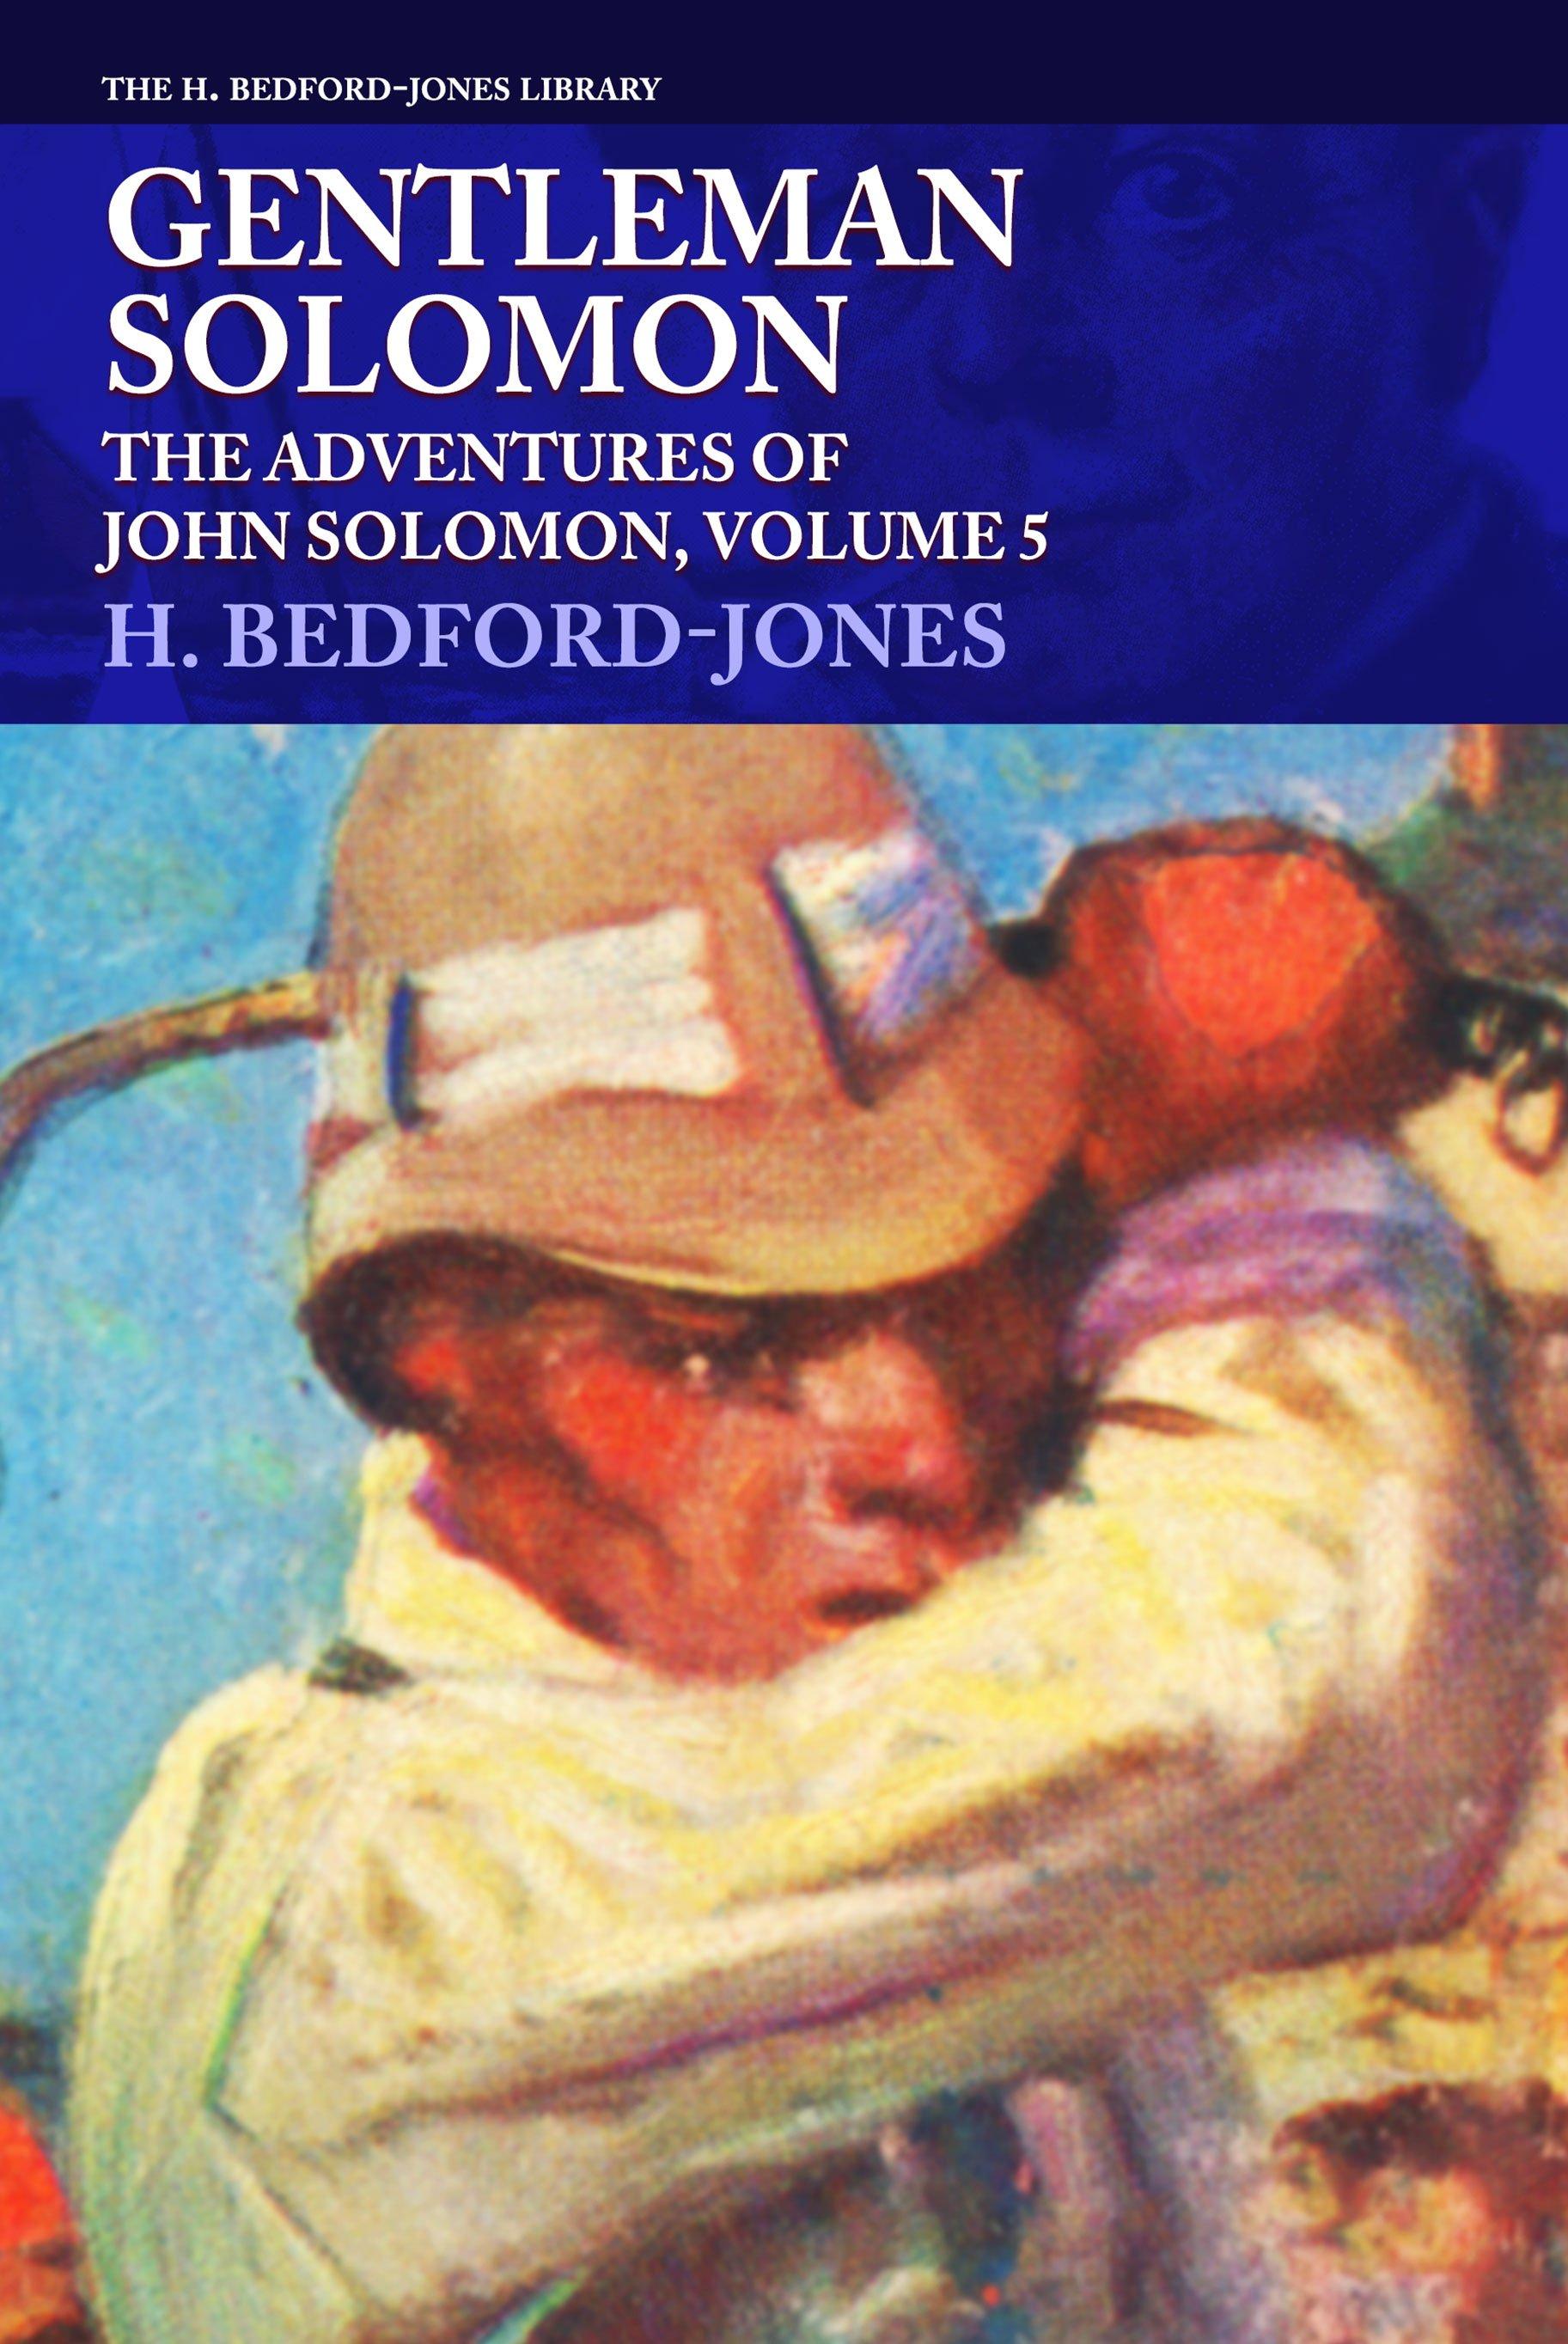 Gentleman Solomon: The Adventures of John Solomon, Volume 5 (The H. Bedford-Jones Library)